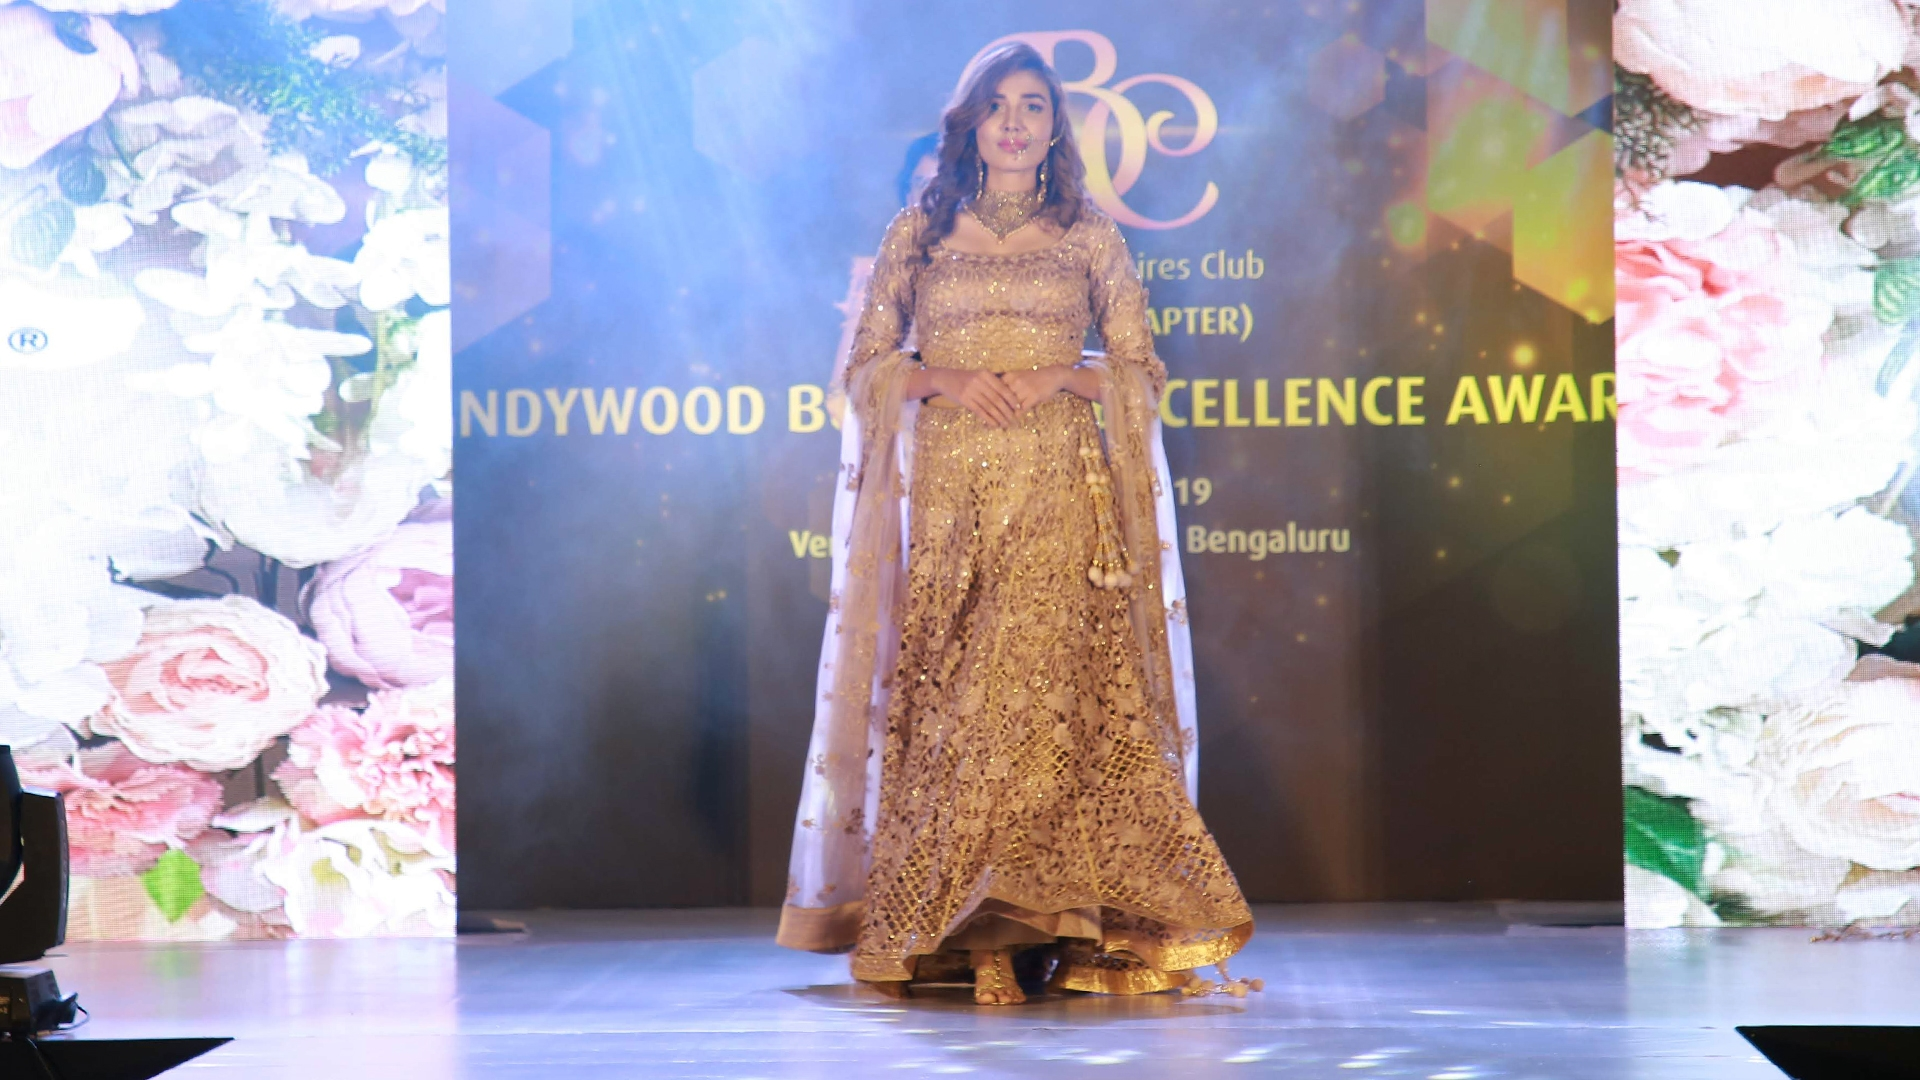 Designer Lehenga Choli in IBC event